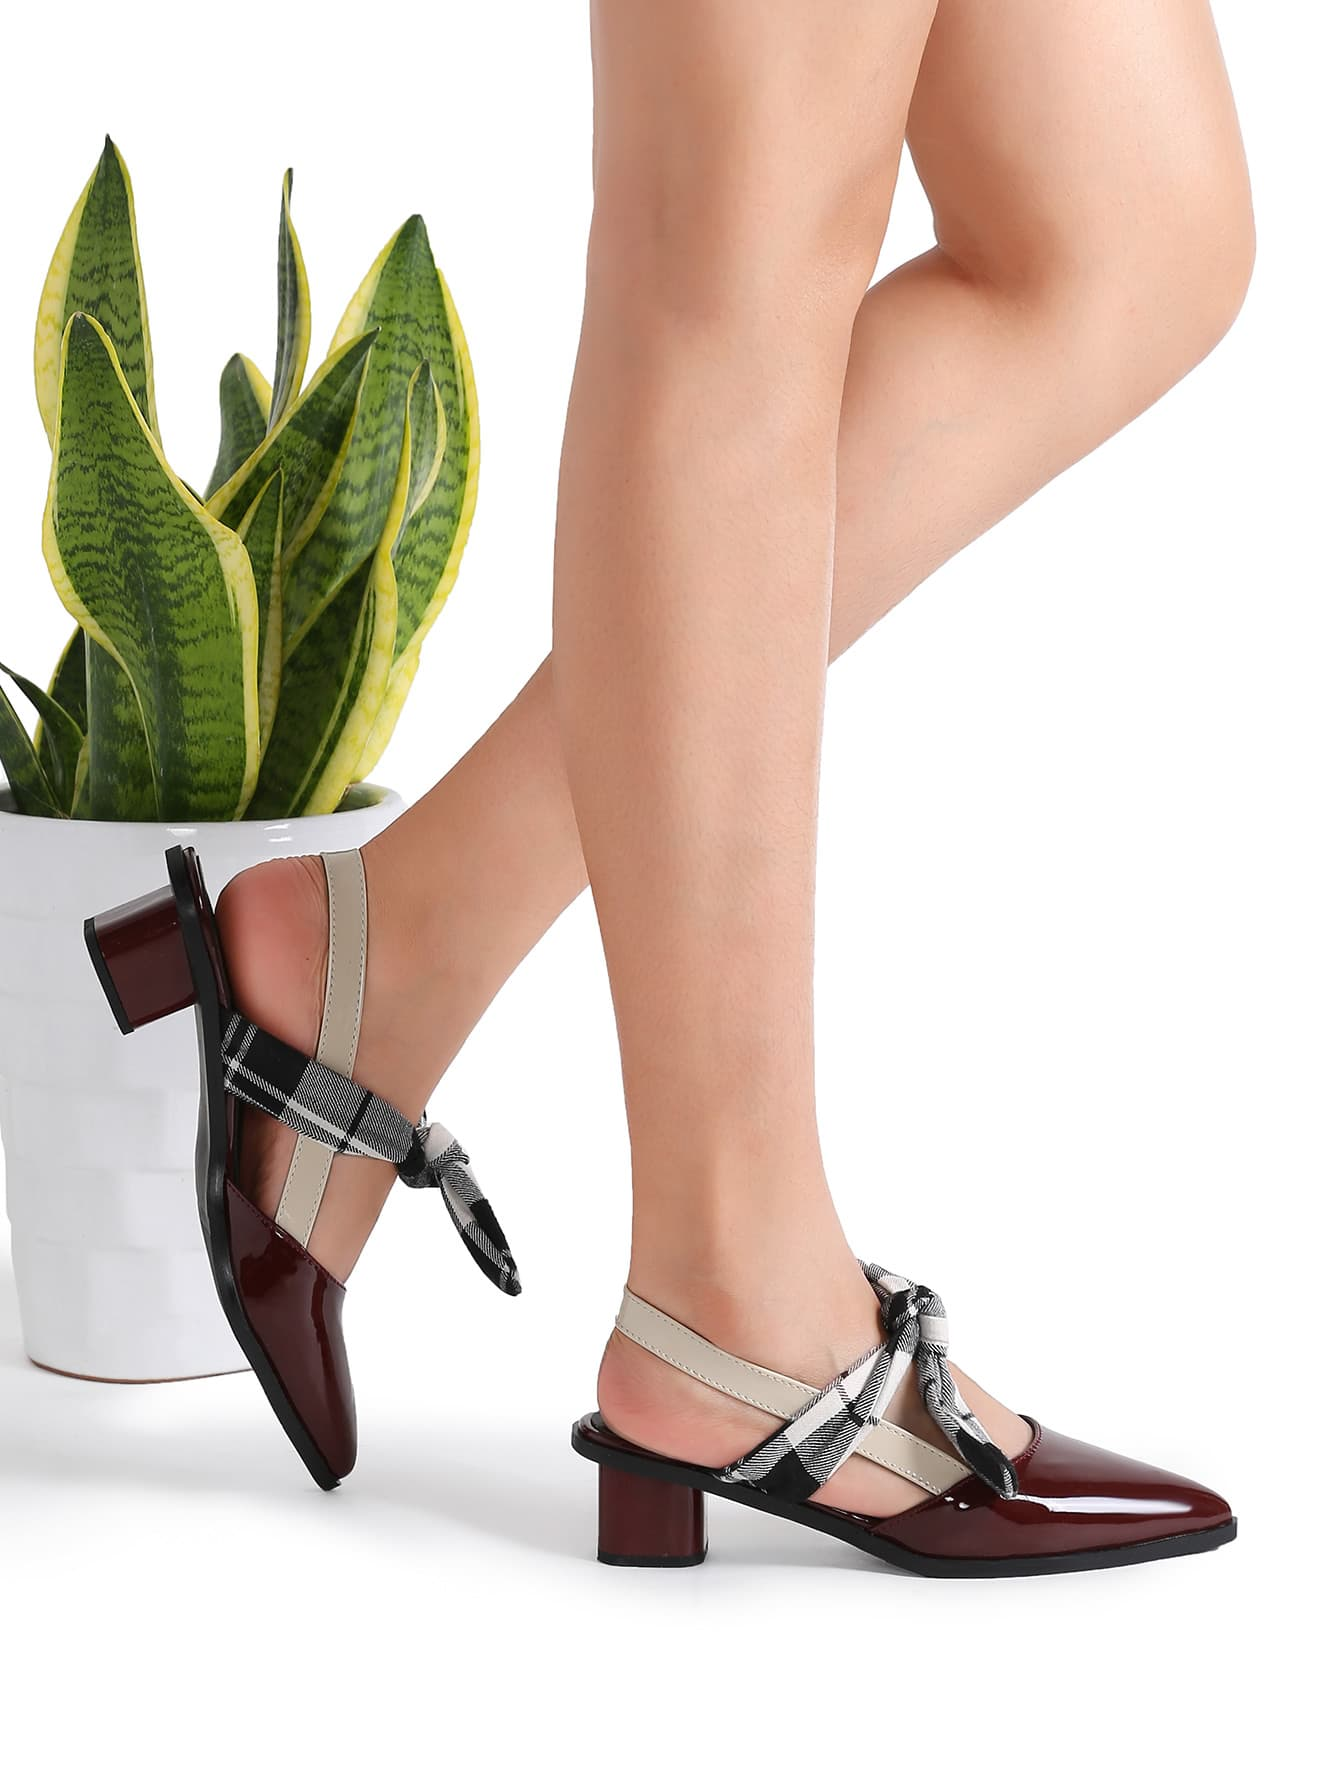 shoes170208804_2